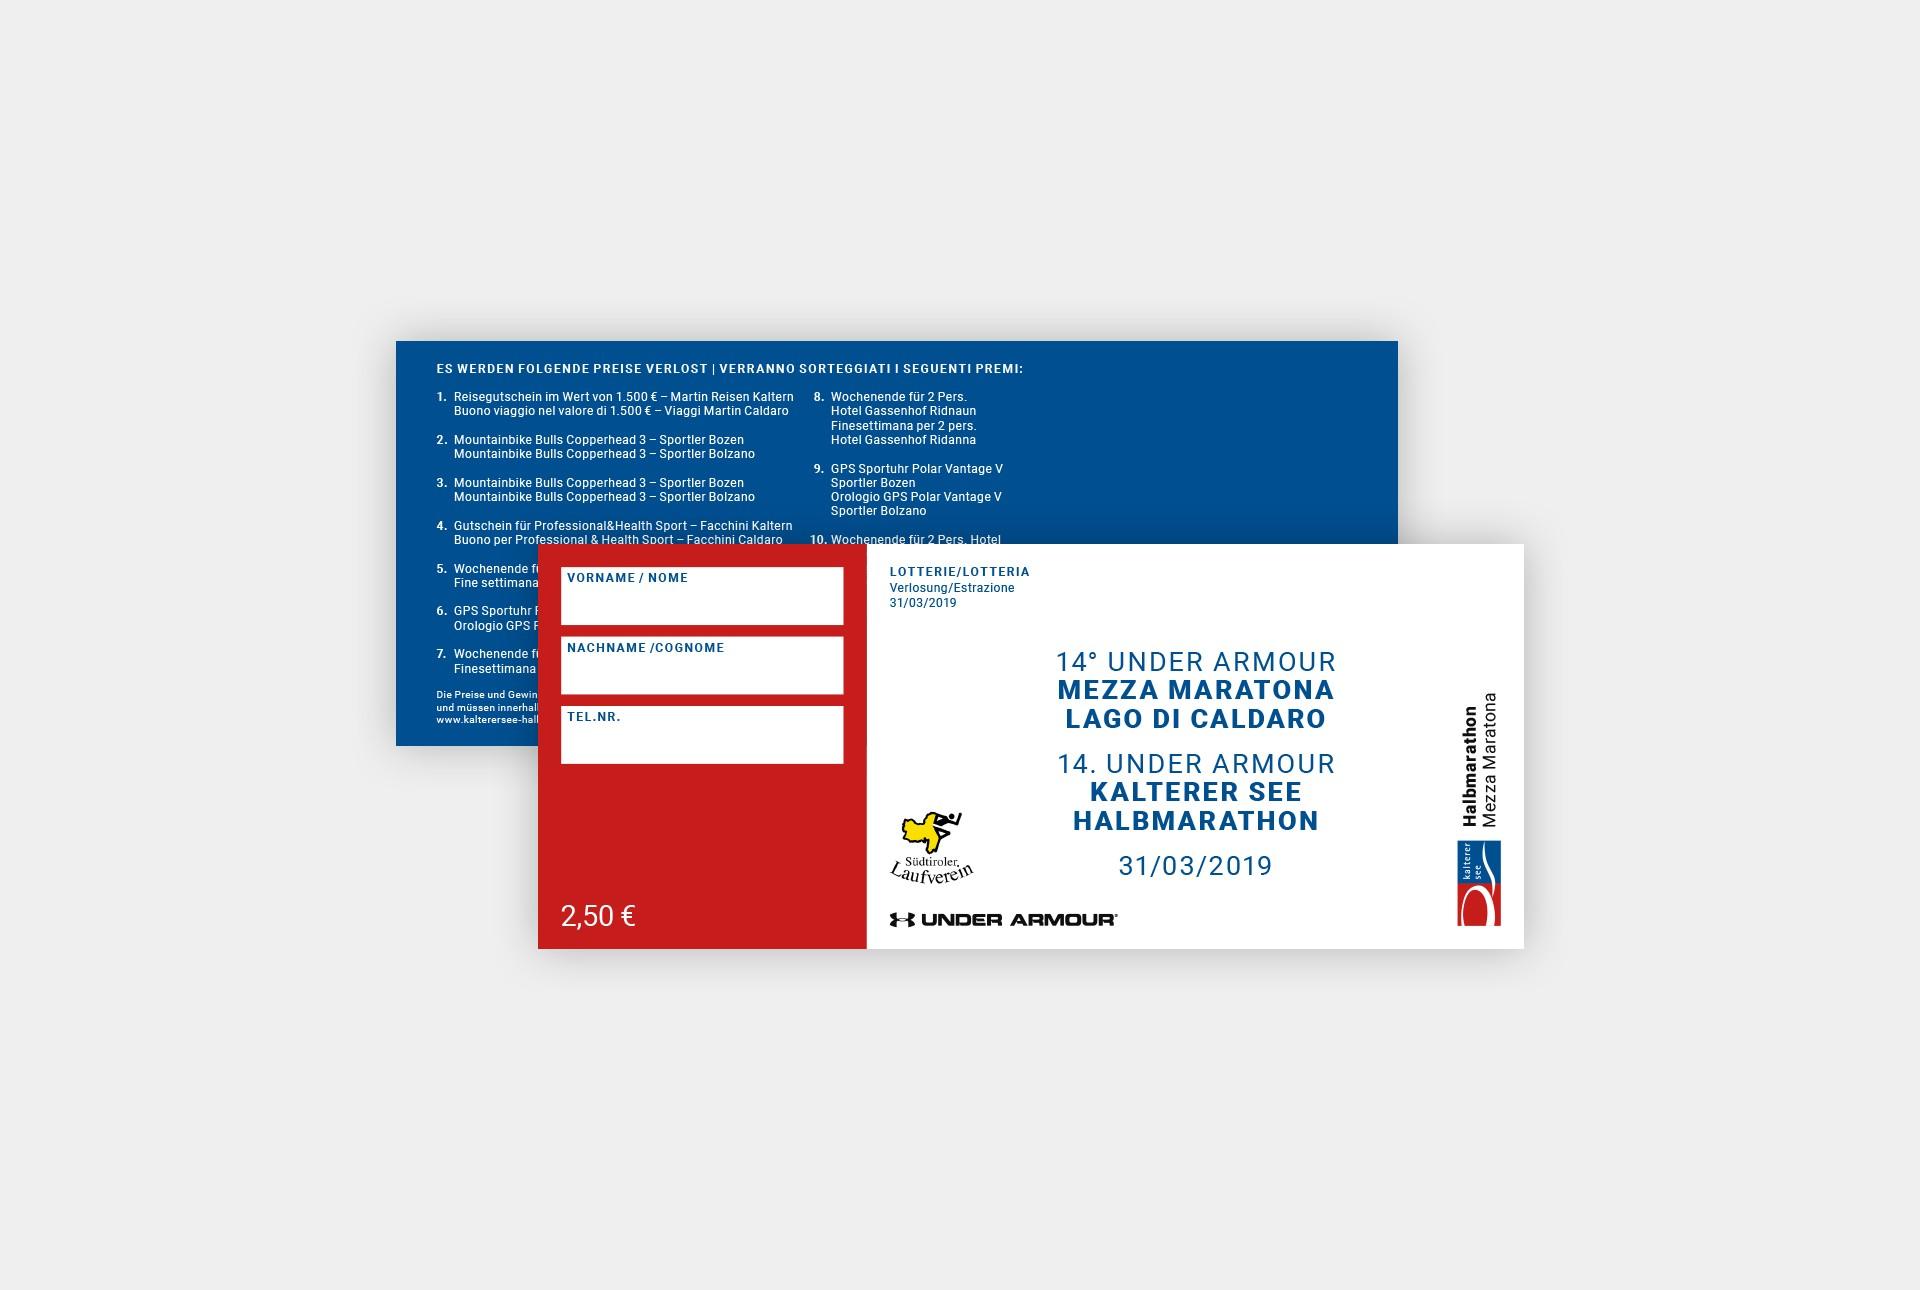 45b92f5793 Kalterersee Halbmarathon - Design u. Art Direktion – Lisa Mörtl